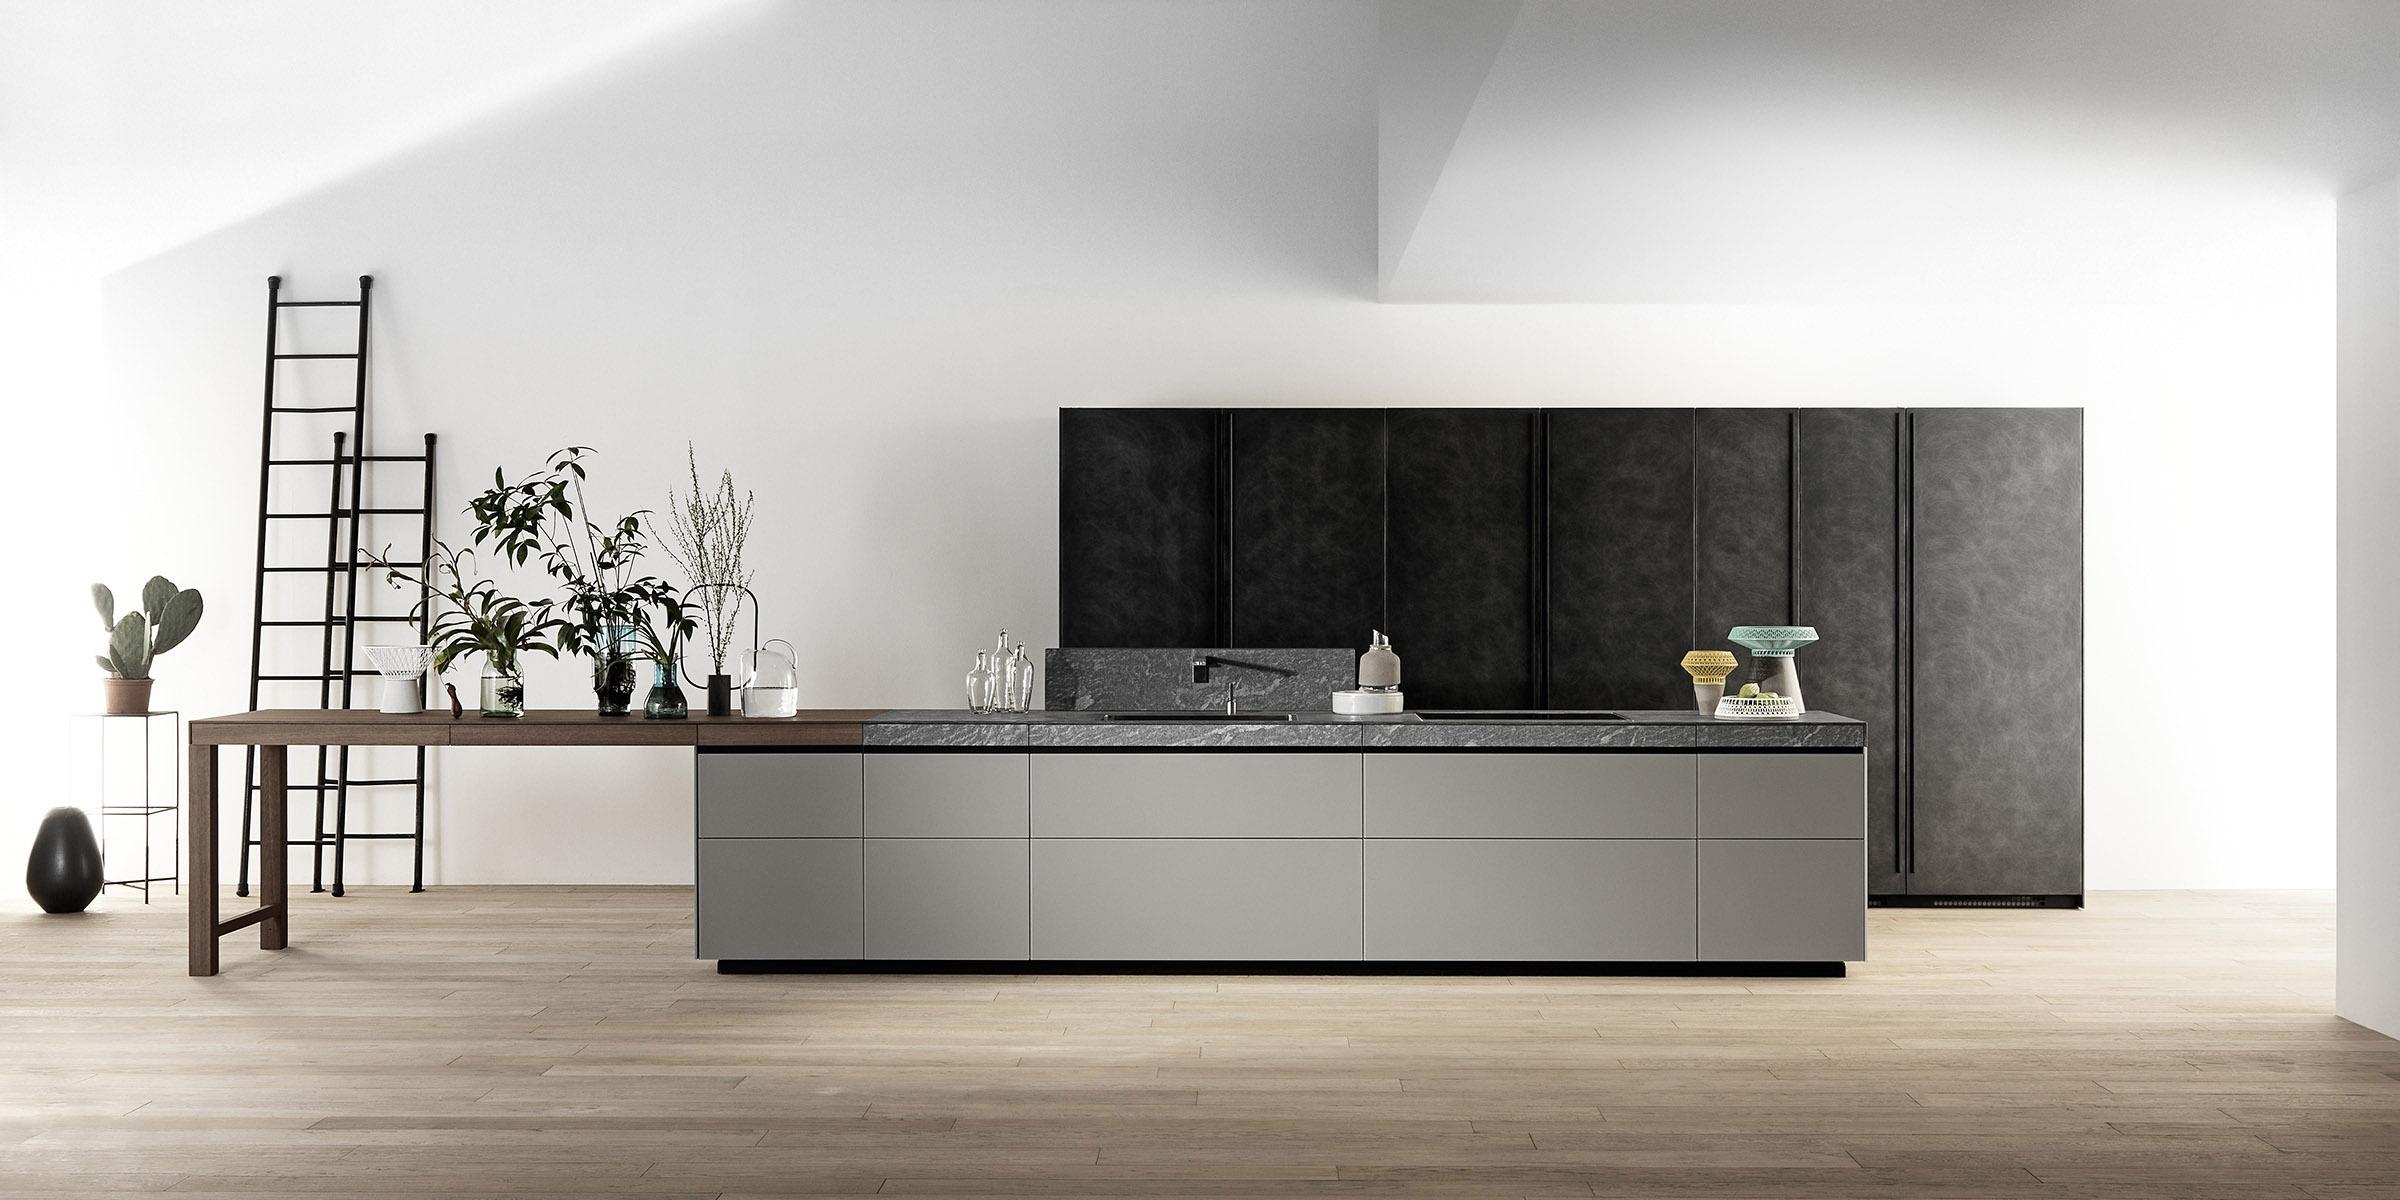 Cucine di lusso la bellezza della semplicit for Aziende cucine design